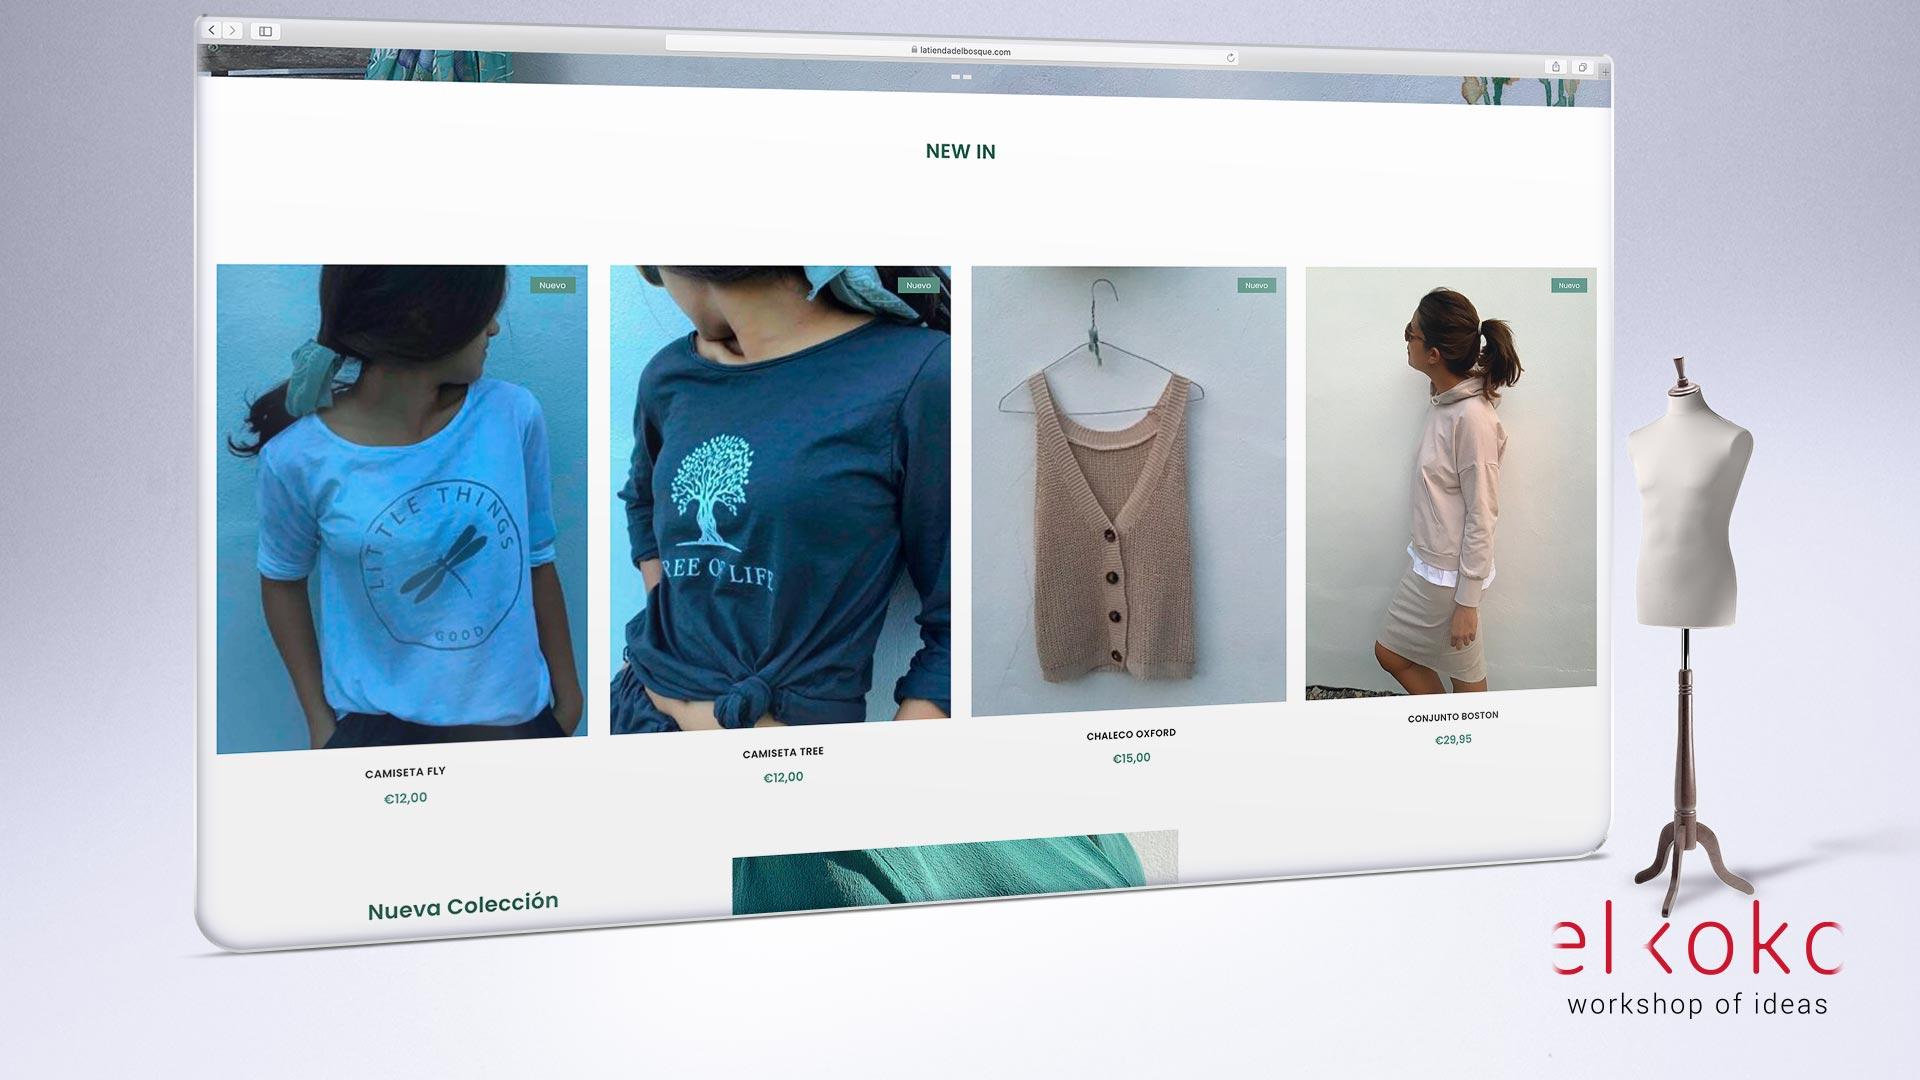 Tienda online para tienda de ropa